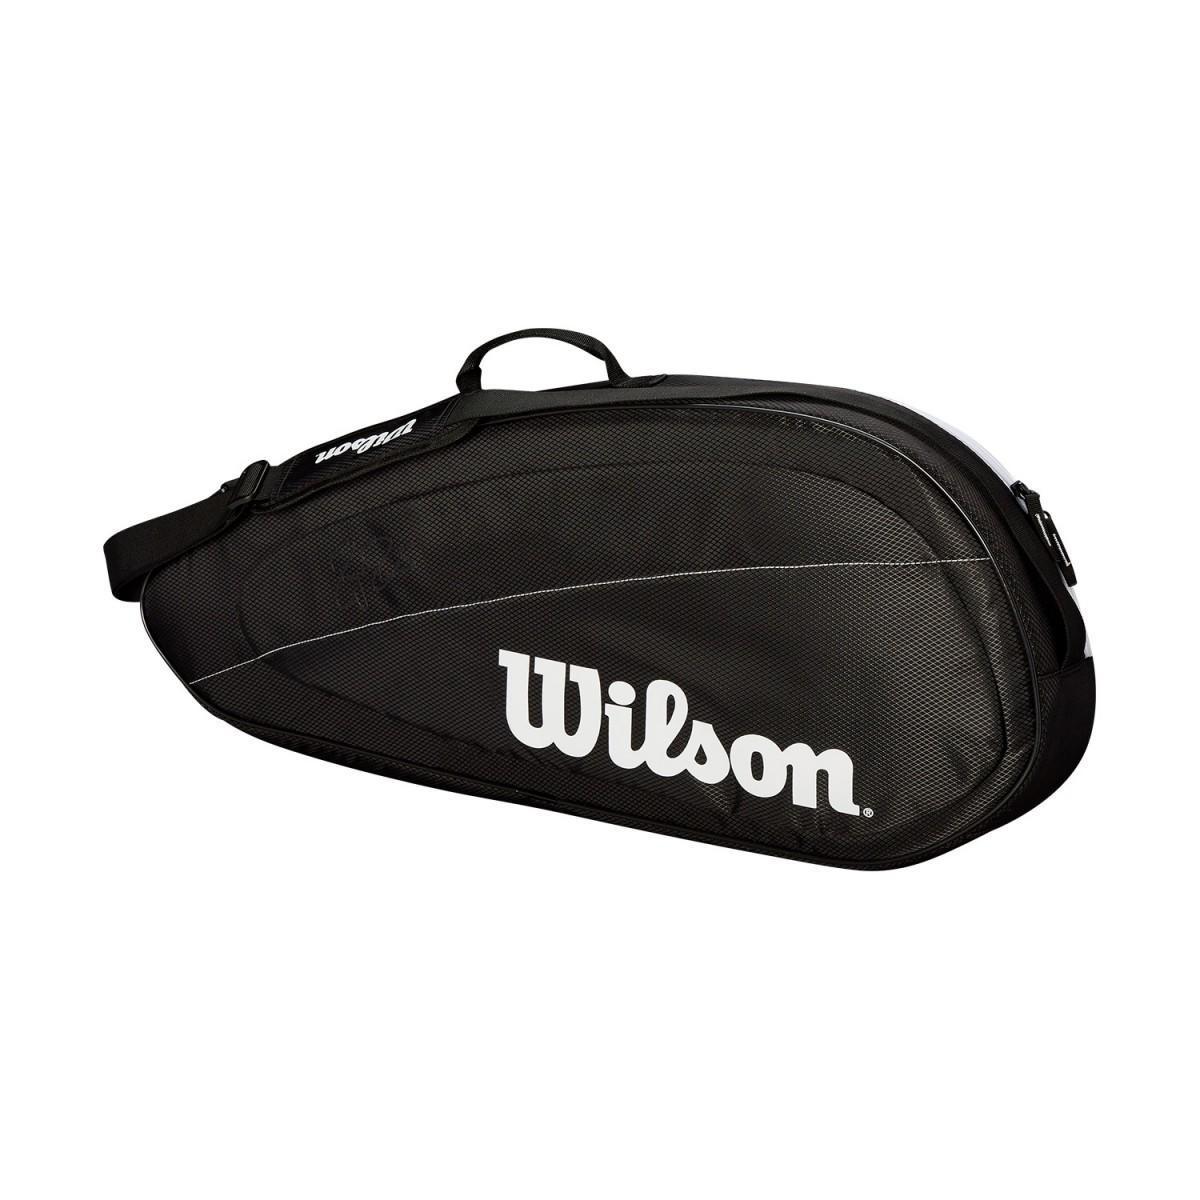 Теннисная сумка Wilson Fed  Team 3 Pk Bag black/white